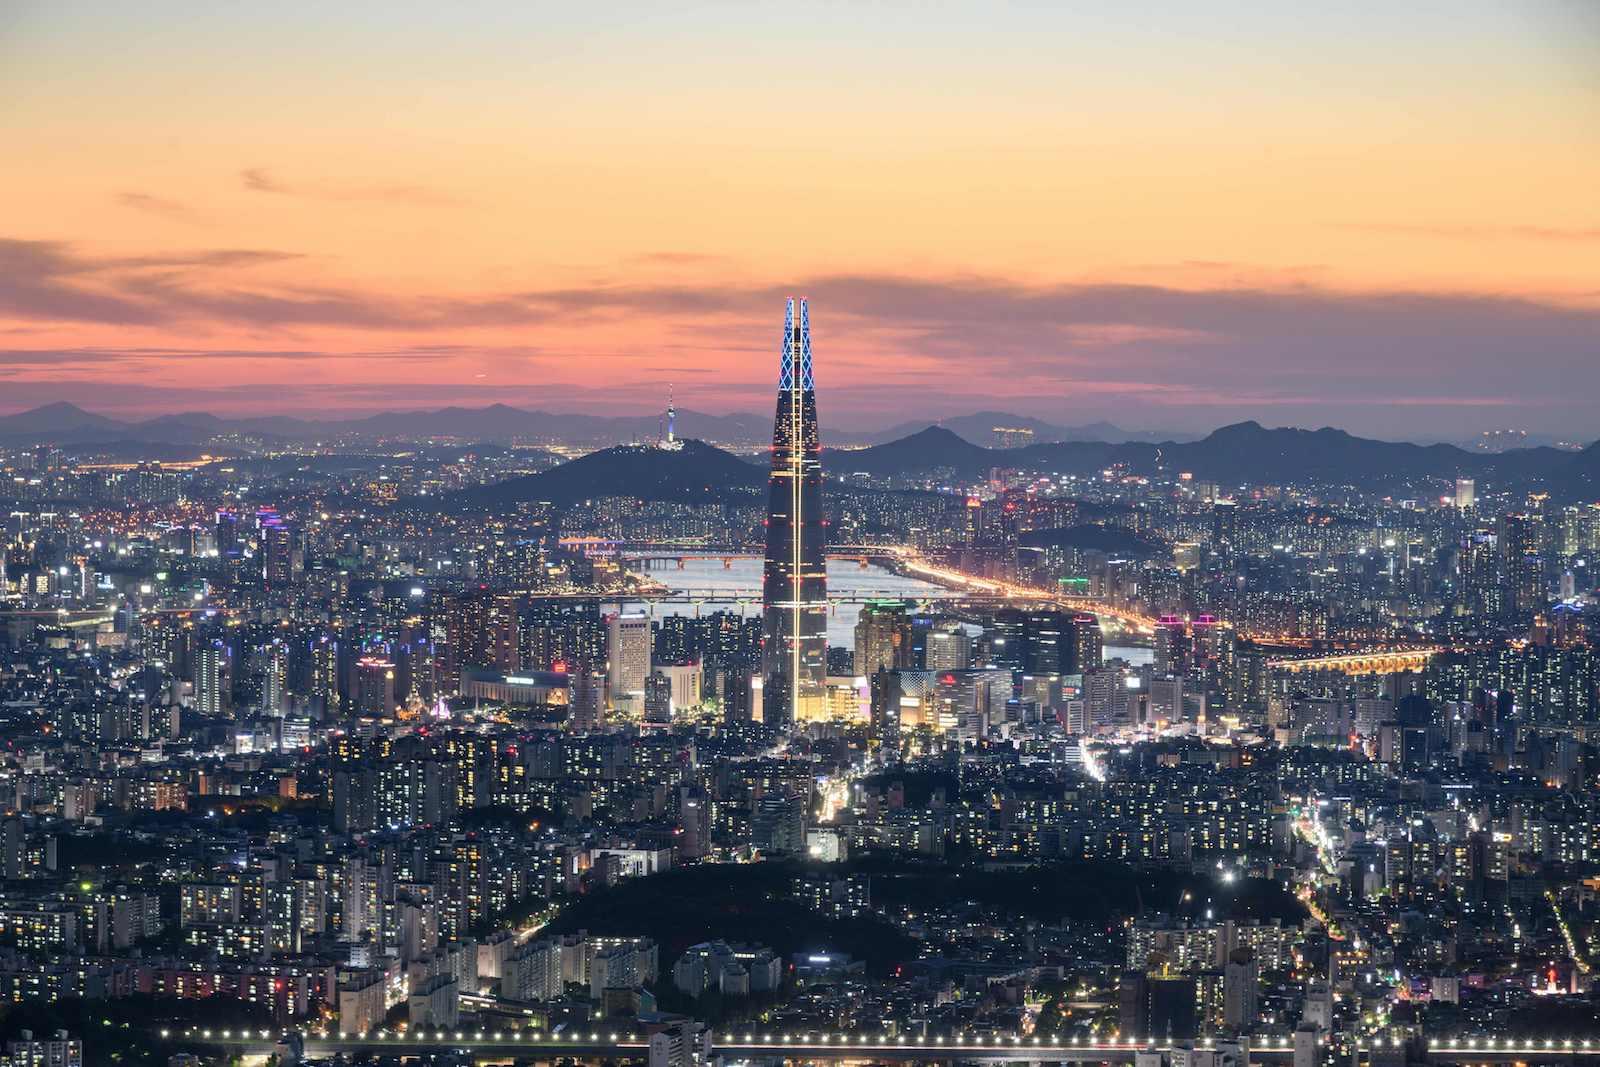 दक्षिण कोरियामा जनसङ्ख्या घट्दो क्रममा